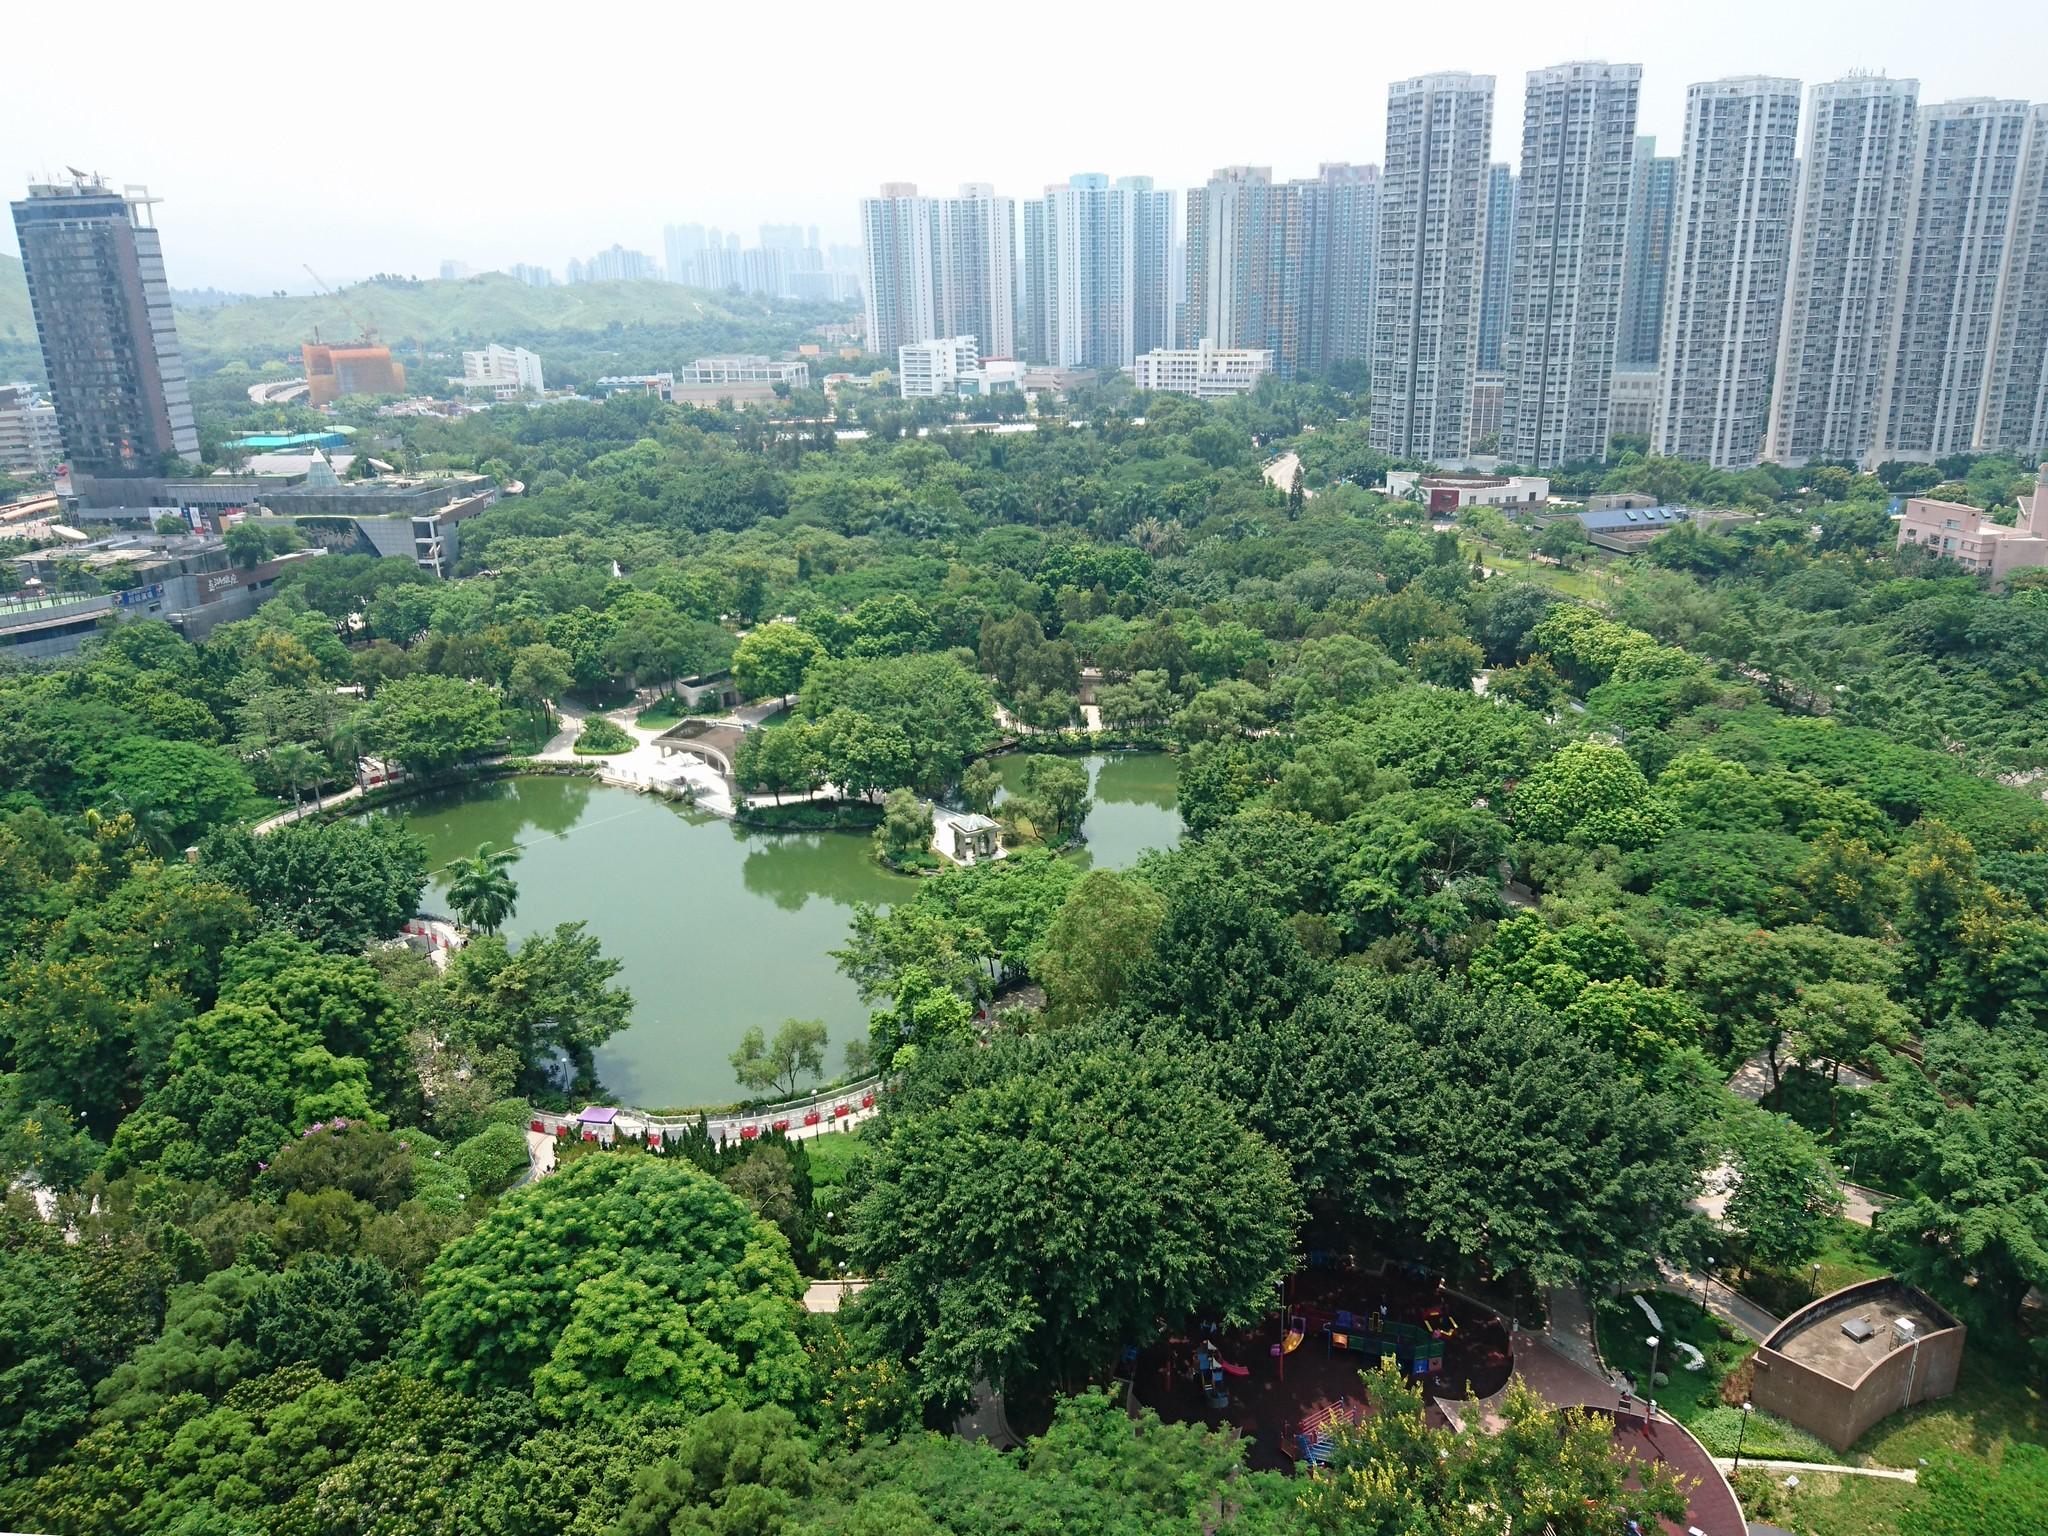 嘉湖山莊-翠湖居-天水圍公園-人工湖